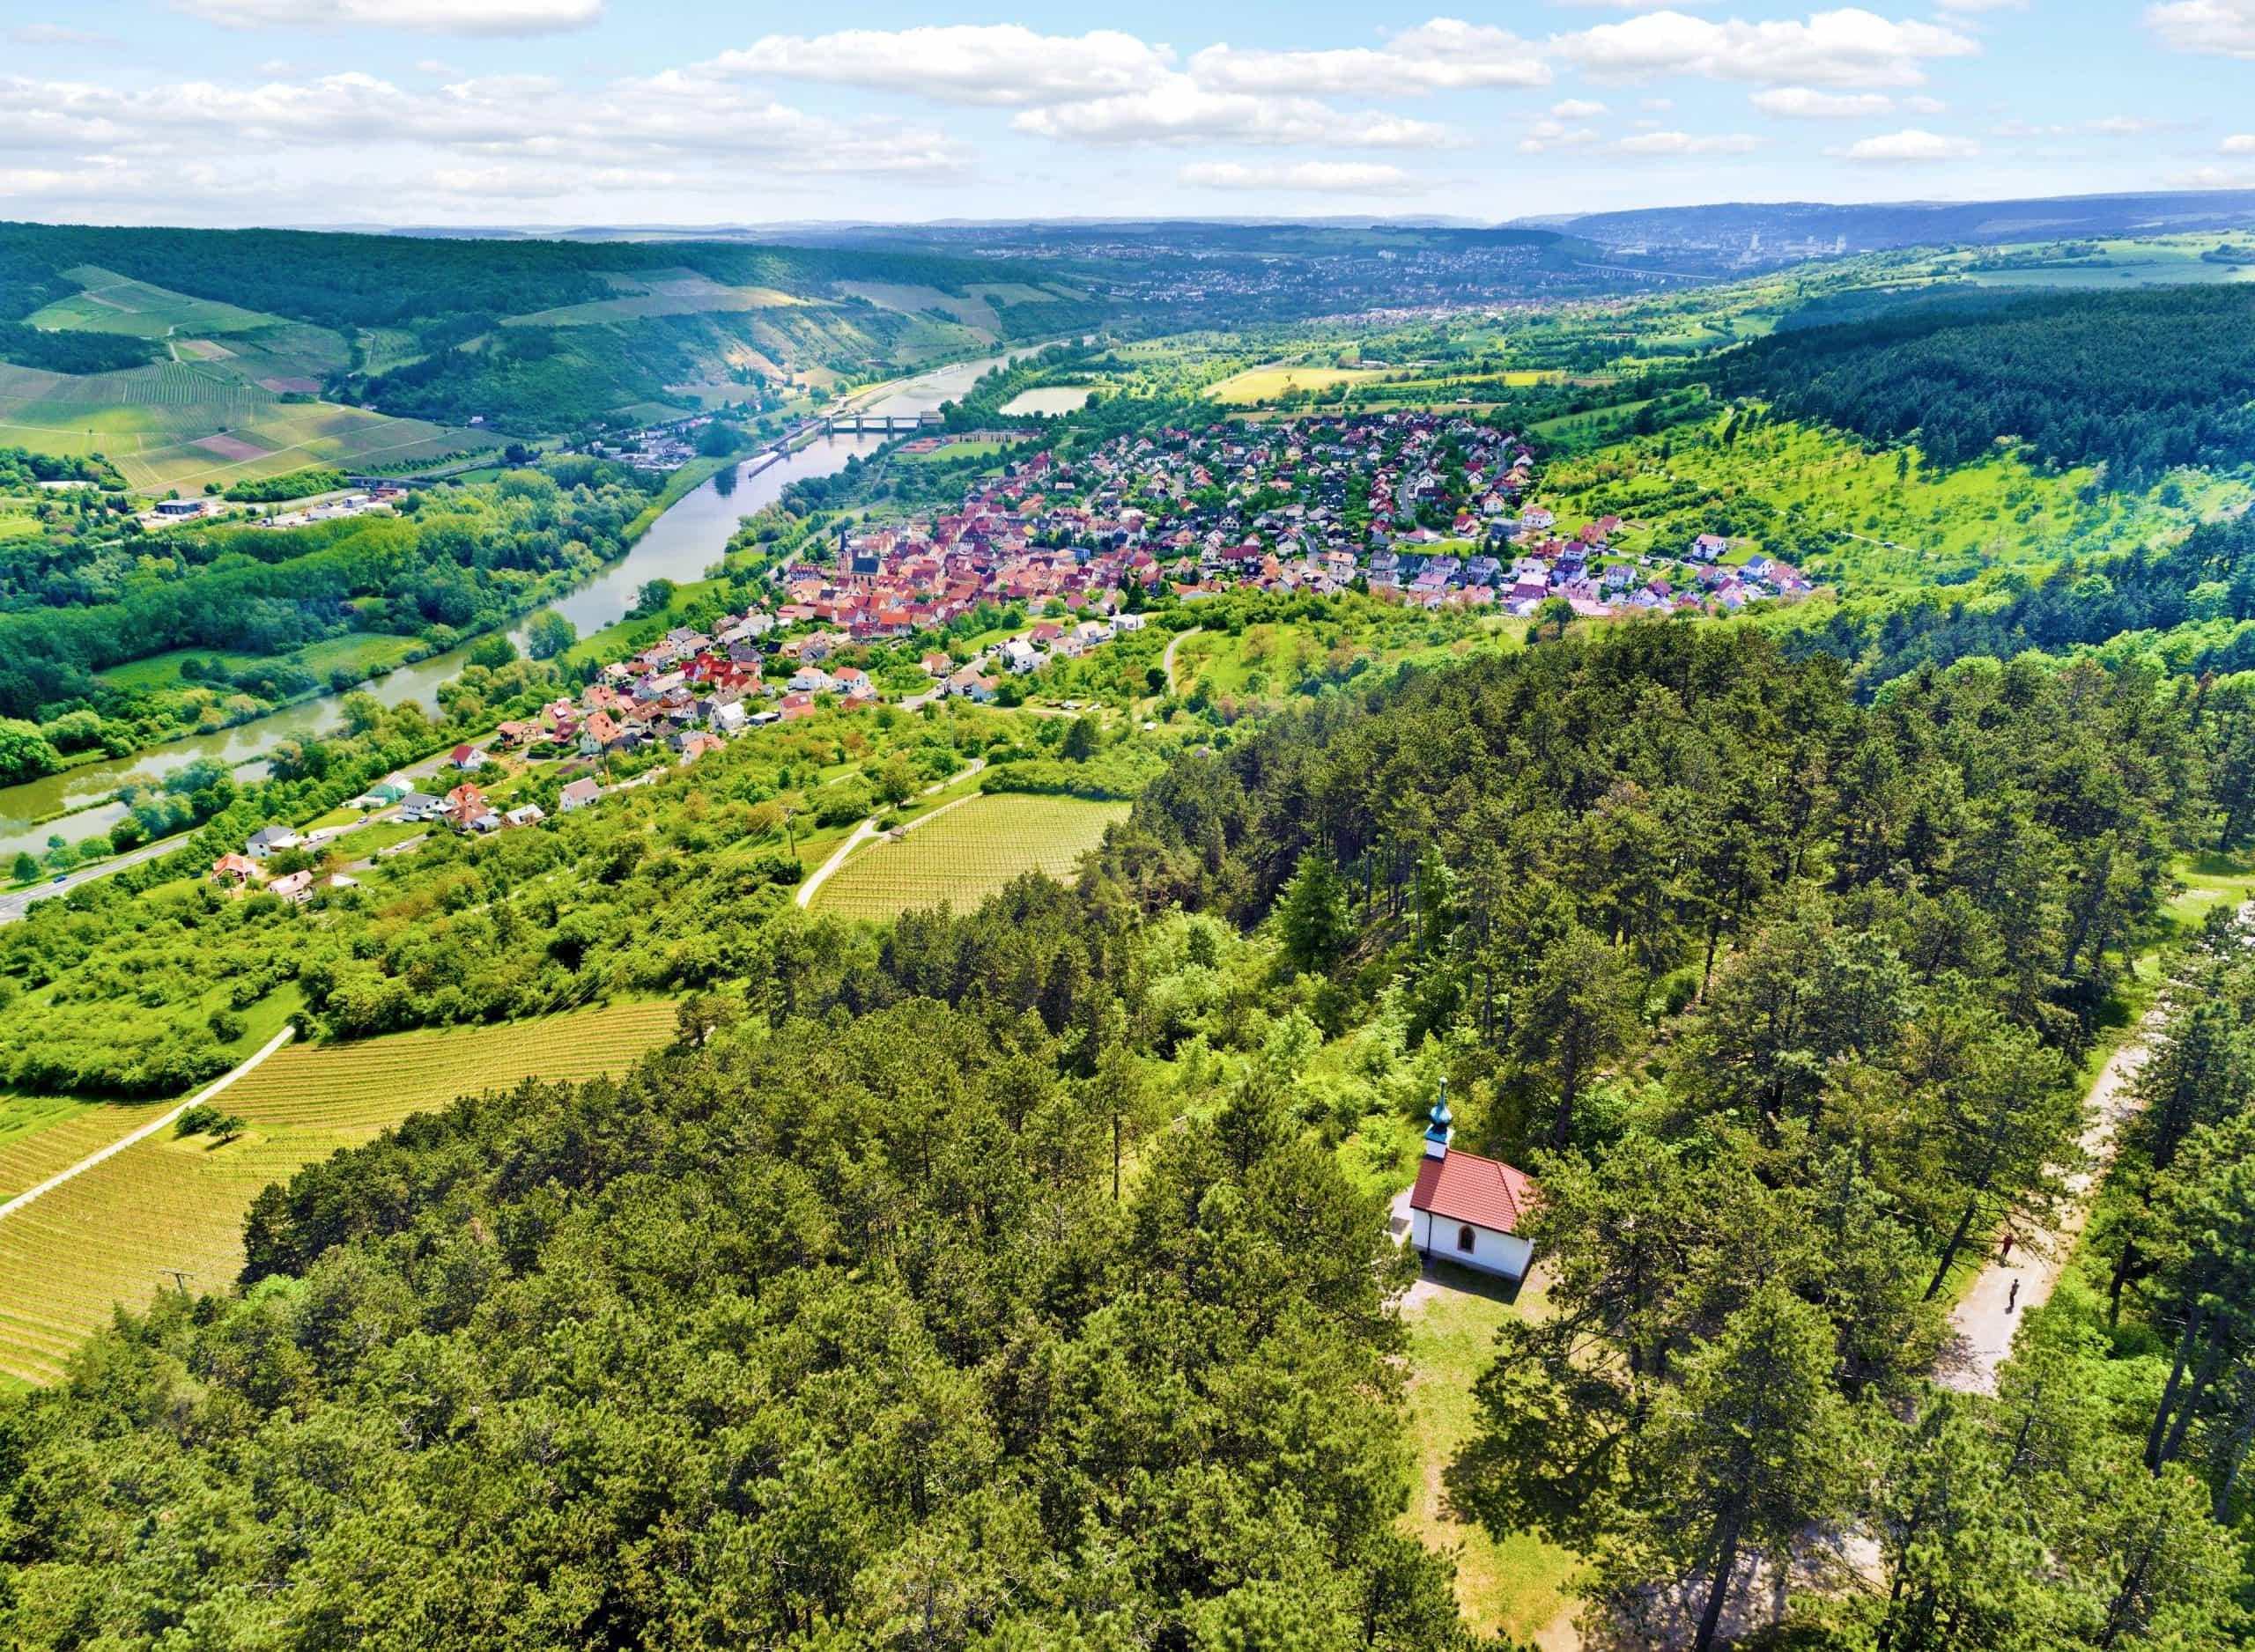 Das ZweiUferLand am Main – urlauben inmitten von Weinbergen Nördlich von Würzburg gibt es viel zu entdecken